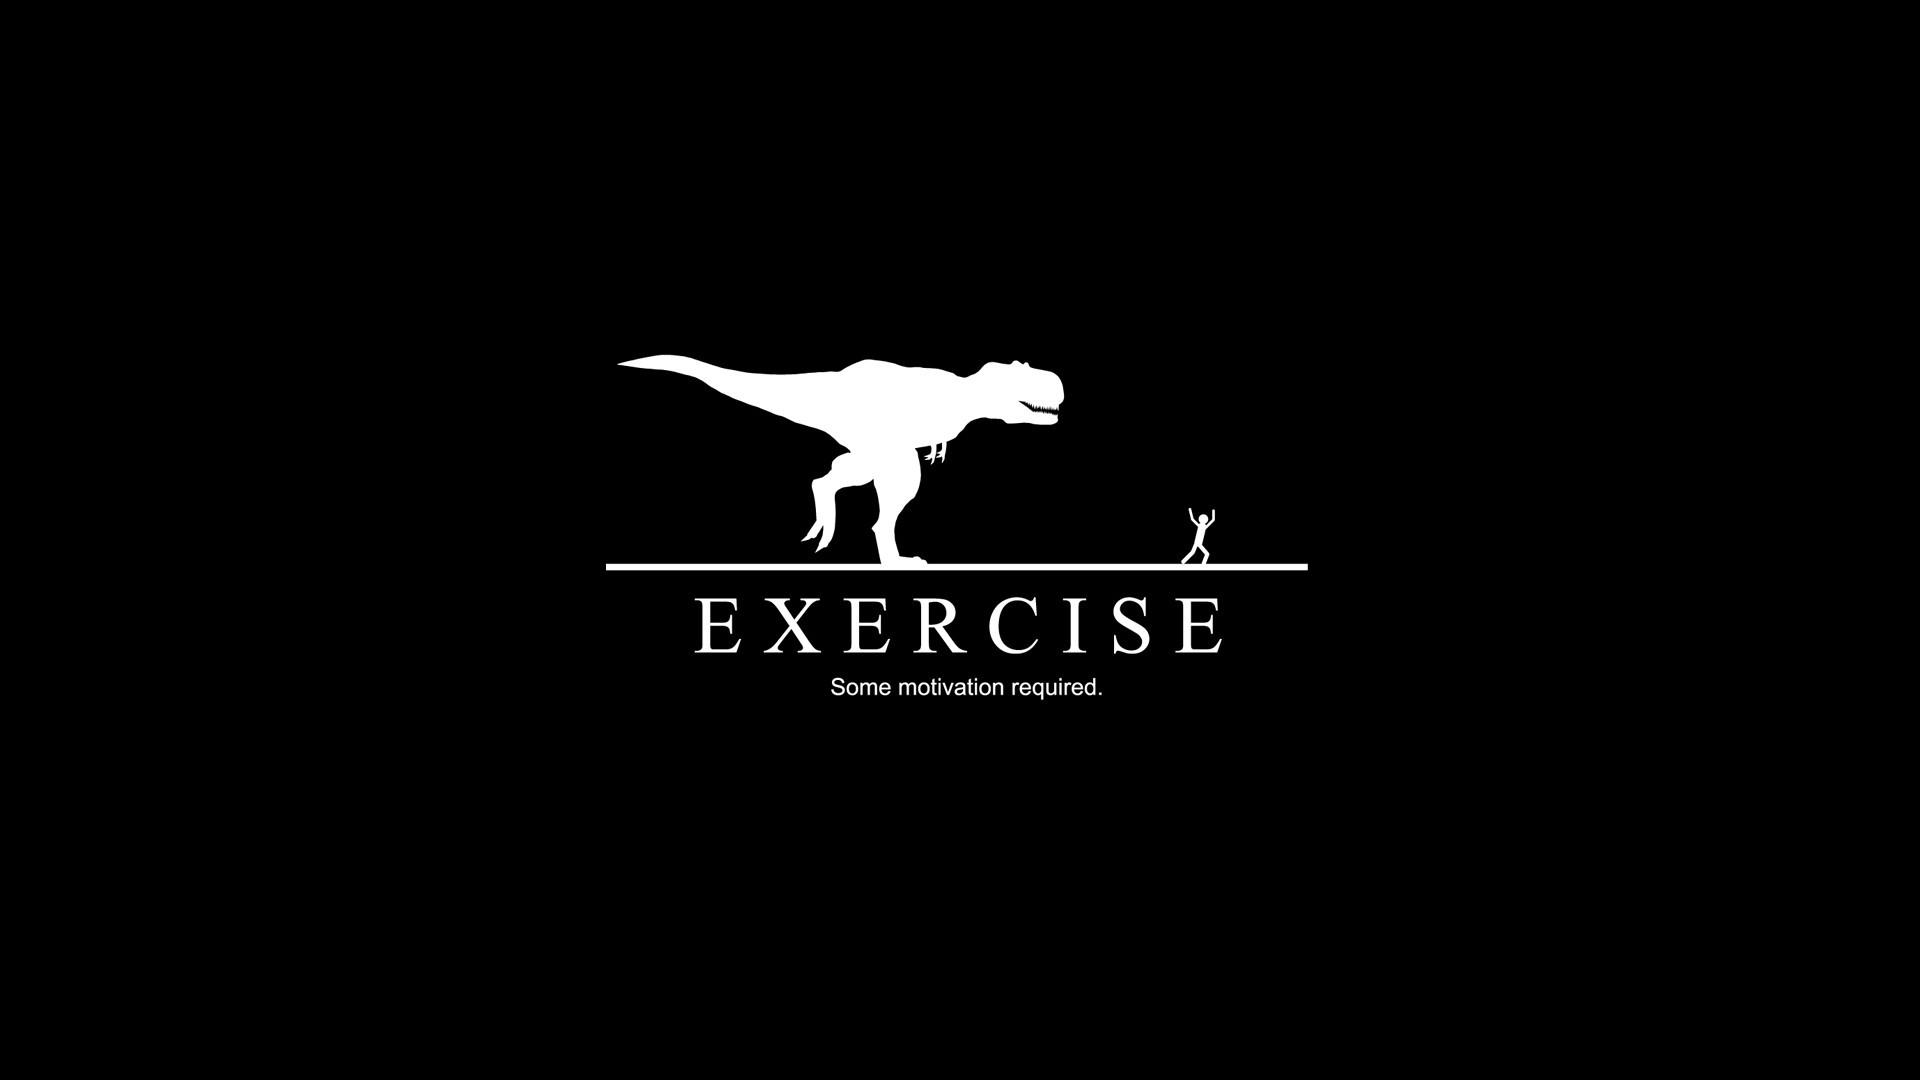 69 Motivational Workout